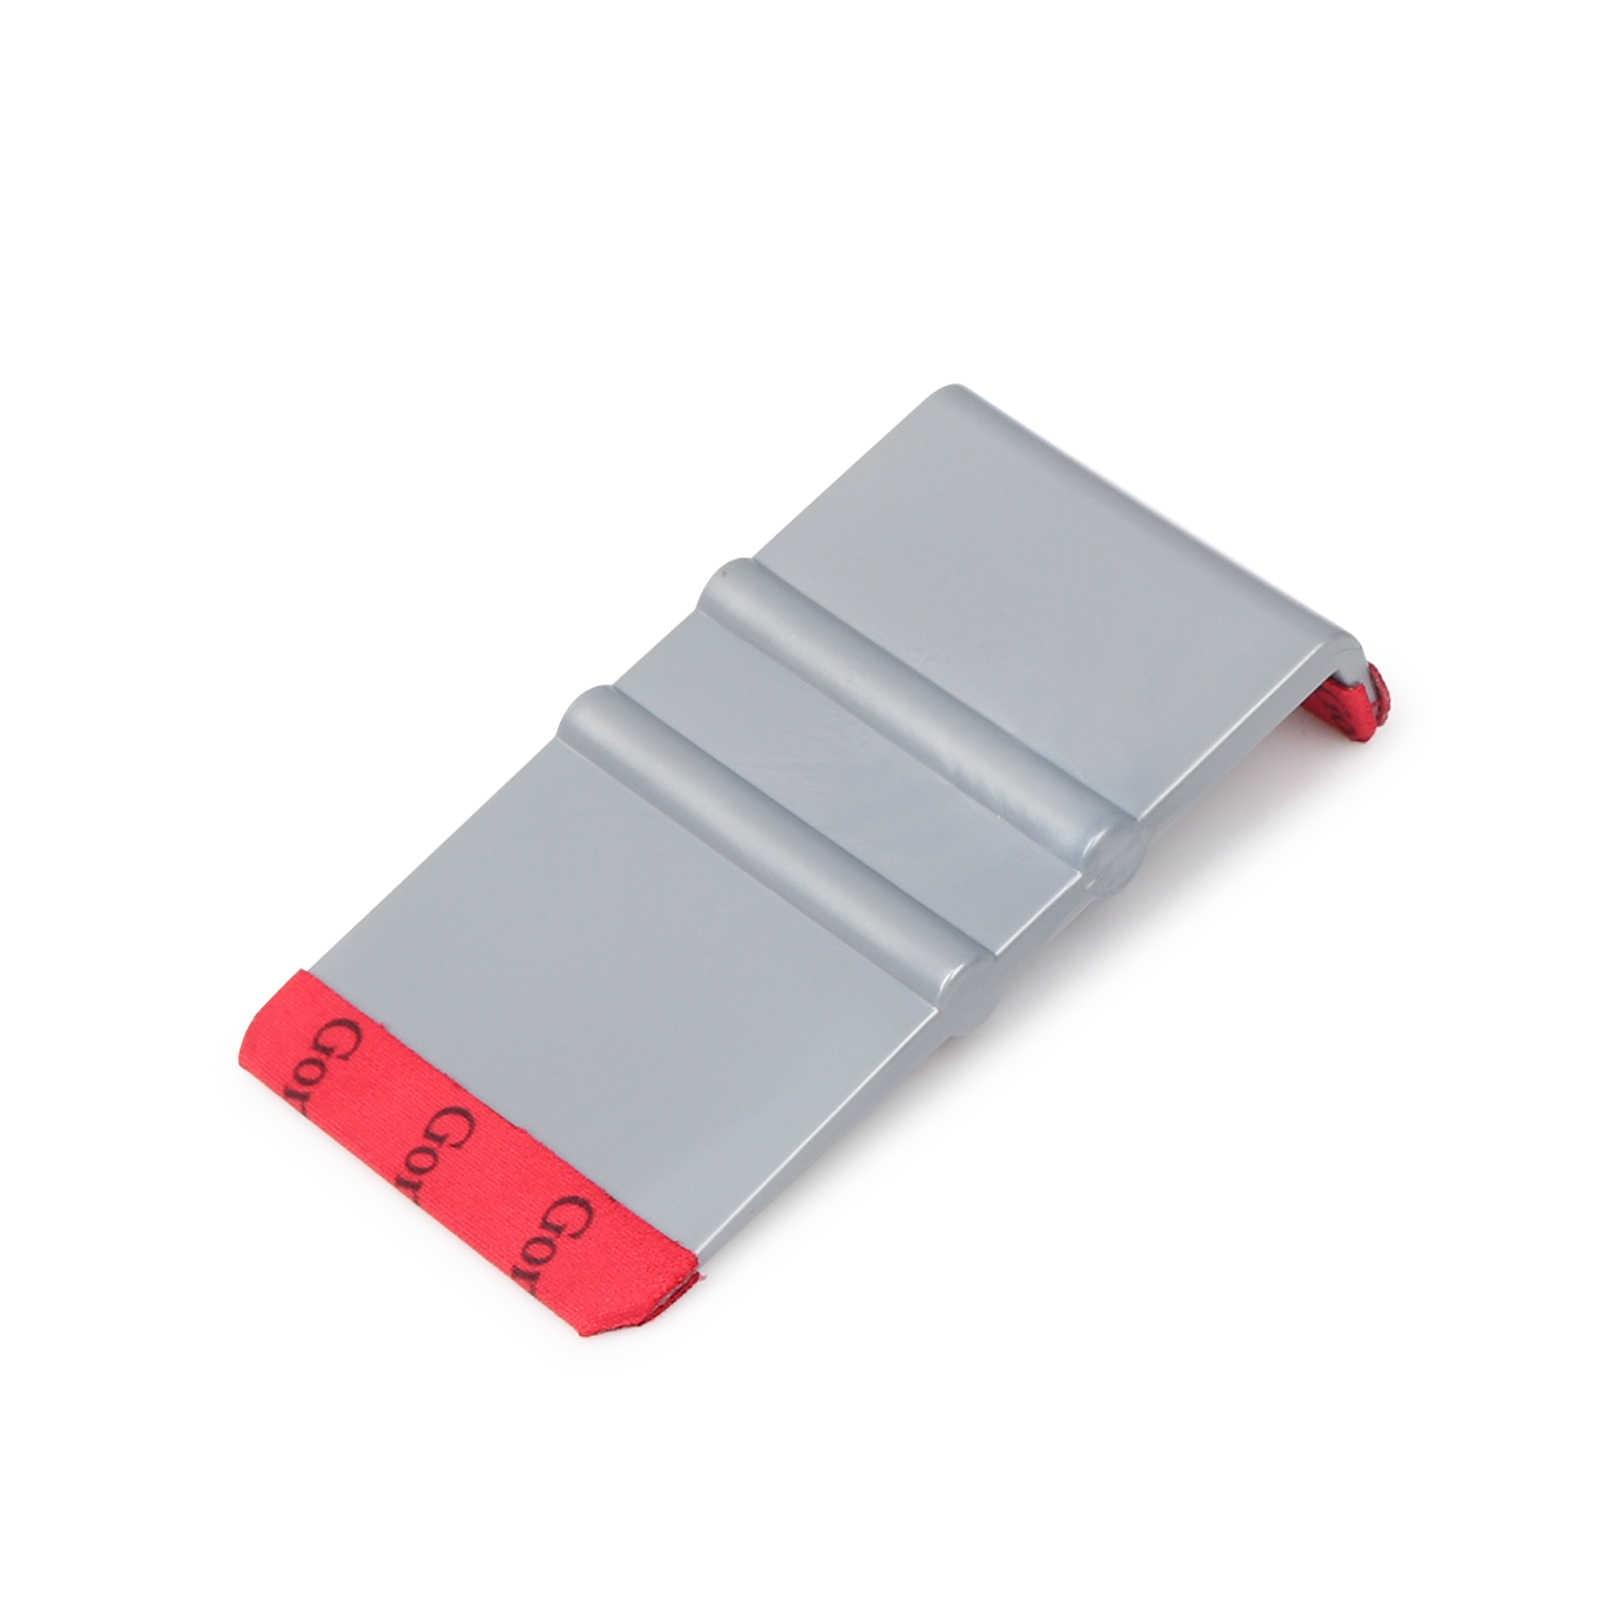 EHDIS виниловая пленка для обертывания про ТИНТ микрофибра фетр ракель из углеродного волокна замша скребок авто наклейка обертывание пинг аксессуары автомобильные инструменты